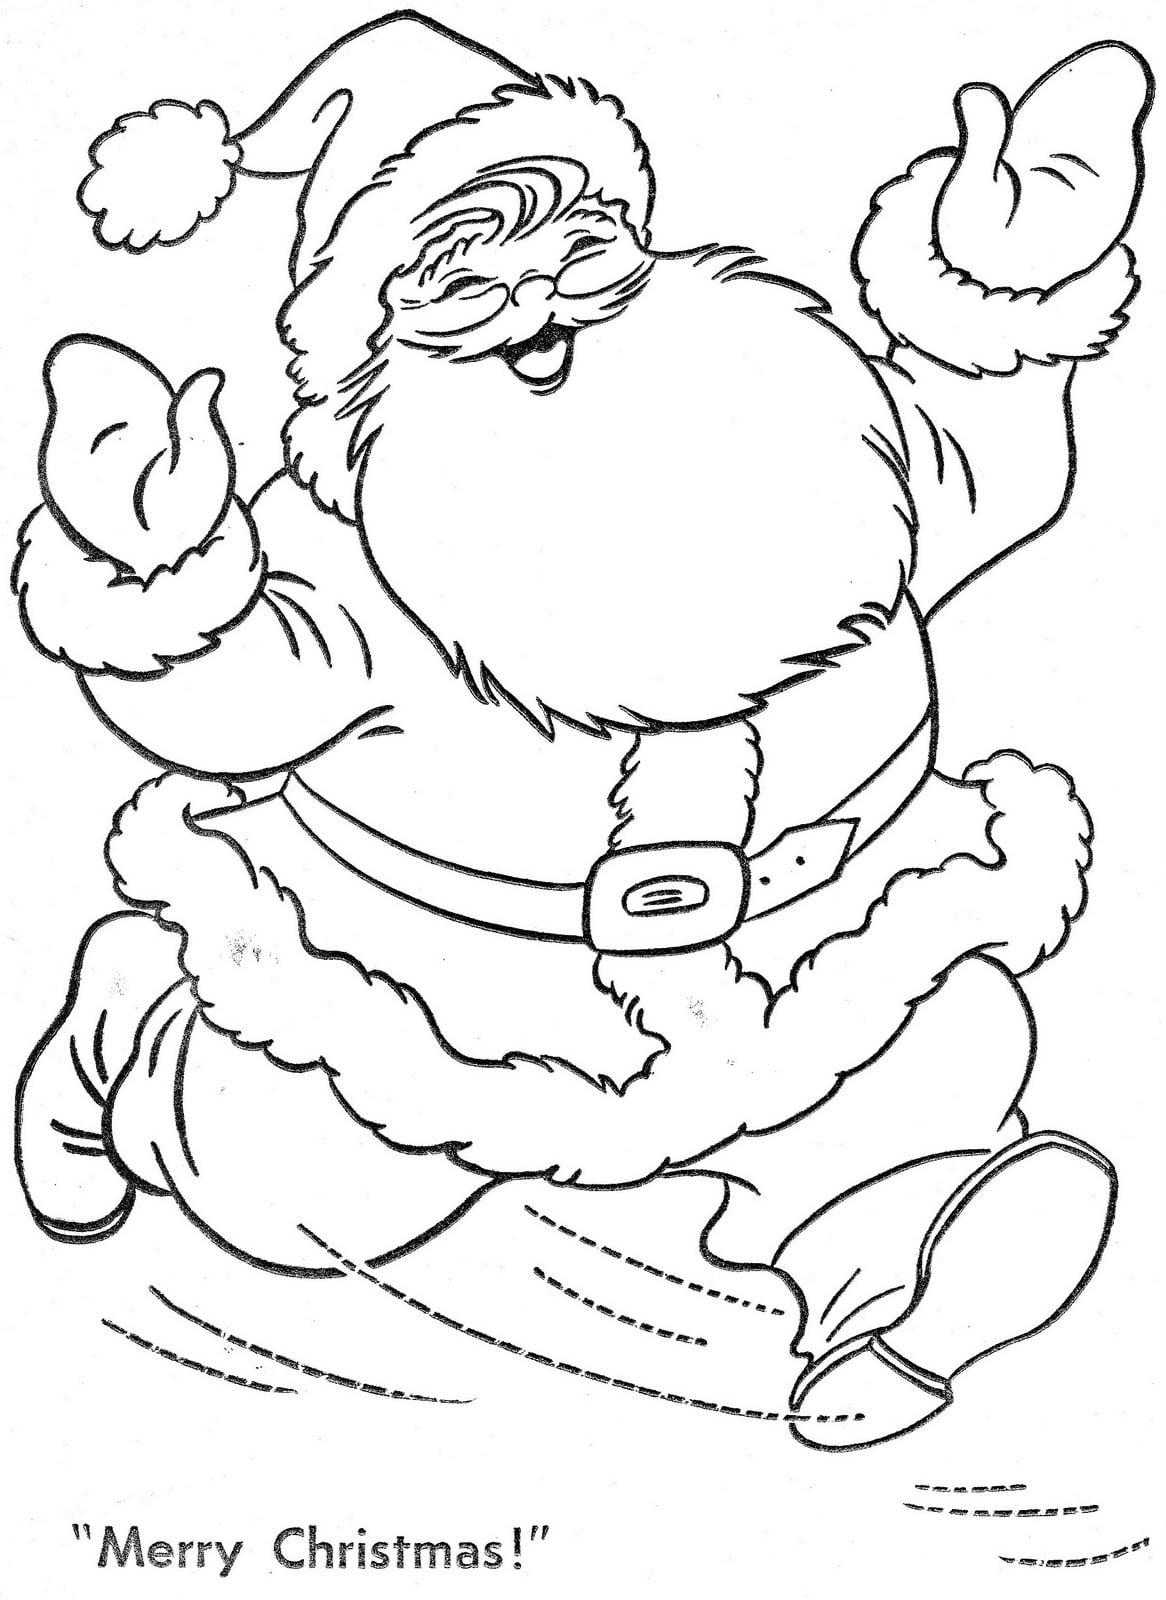 Imagens De Desenhos Para Colorir Papai Noel